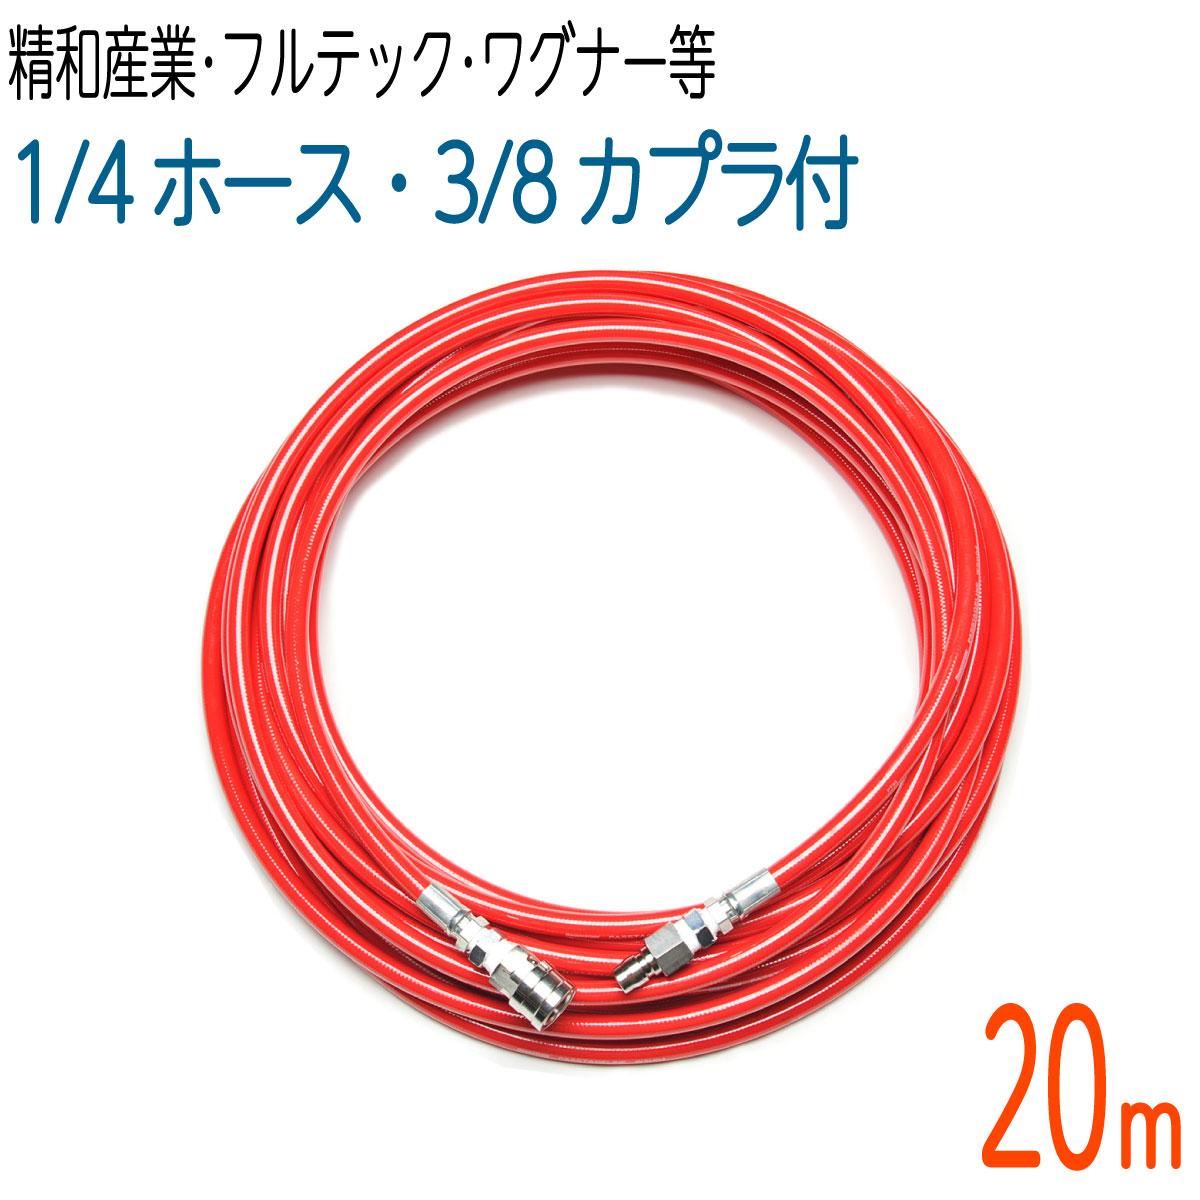 【20M】室内用2分ホース 3分カプラ付き